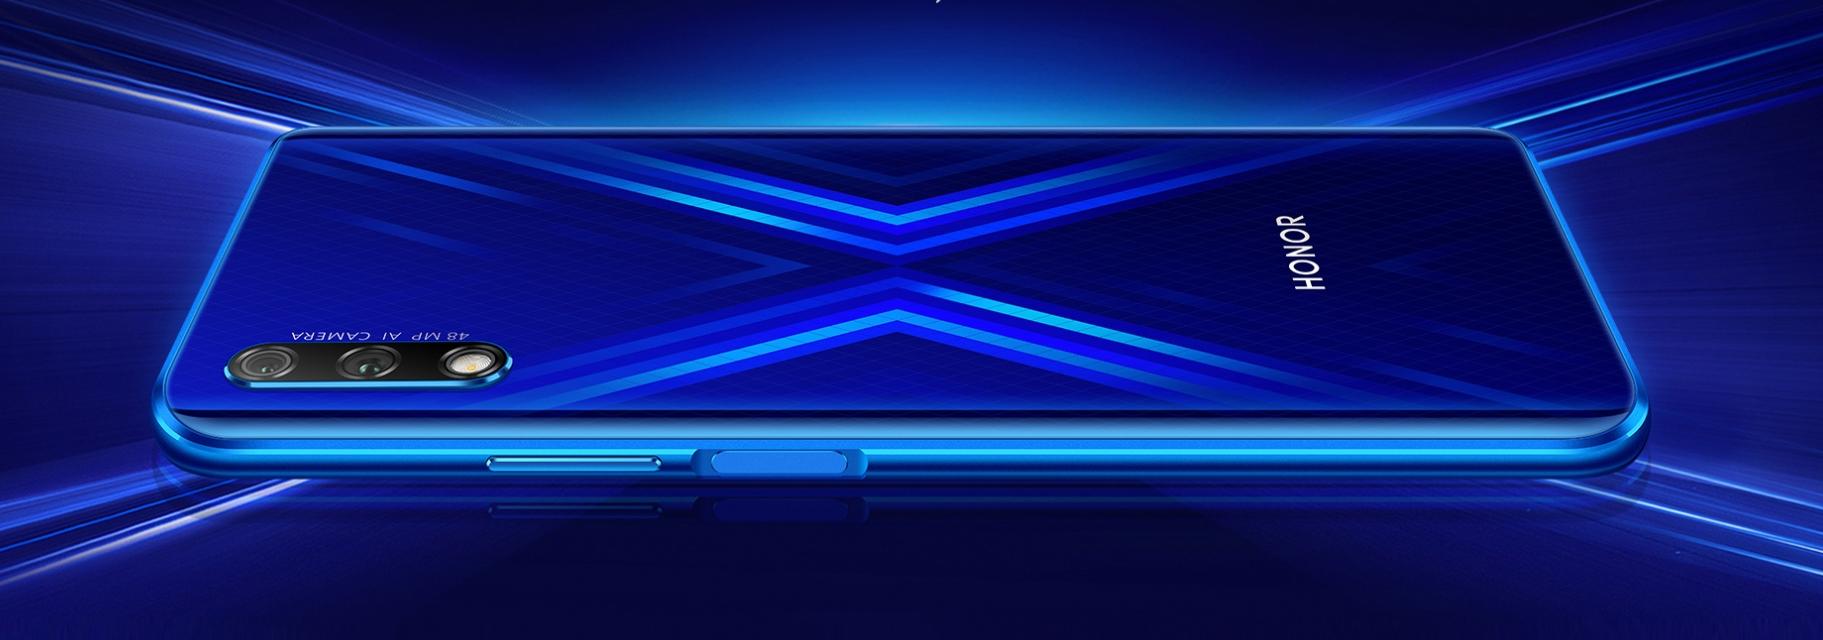 مزايا وعيوب هاتف Honor 9X وأبرز الاختلافات بينه وبين الشقيق السابق Honor 8X